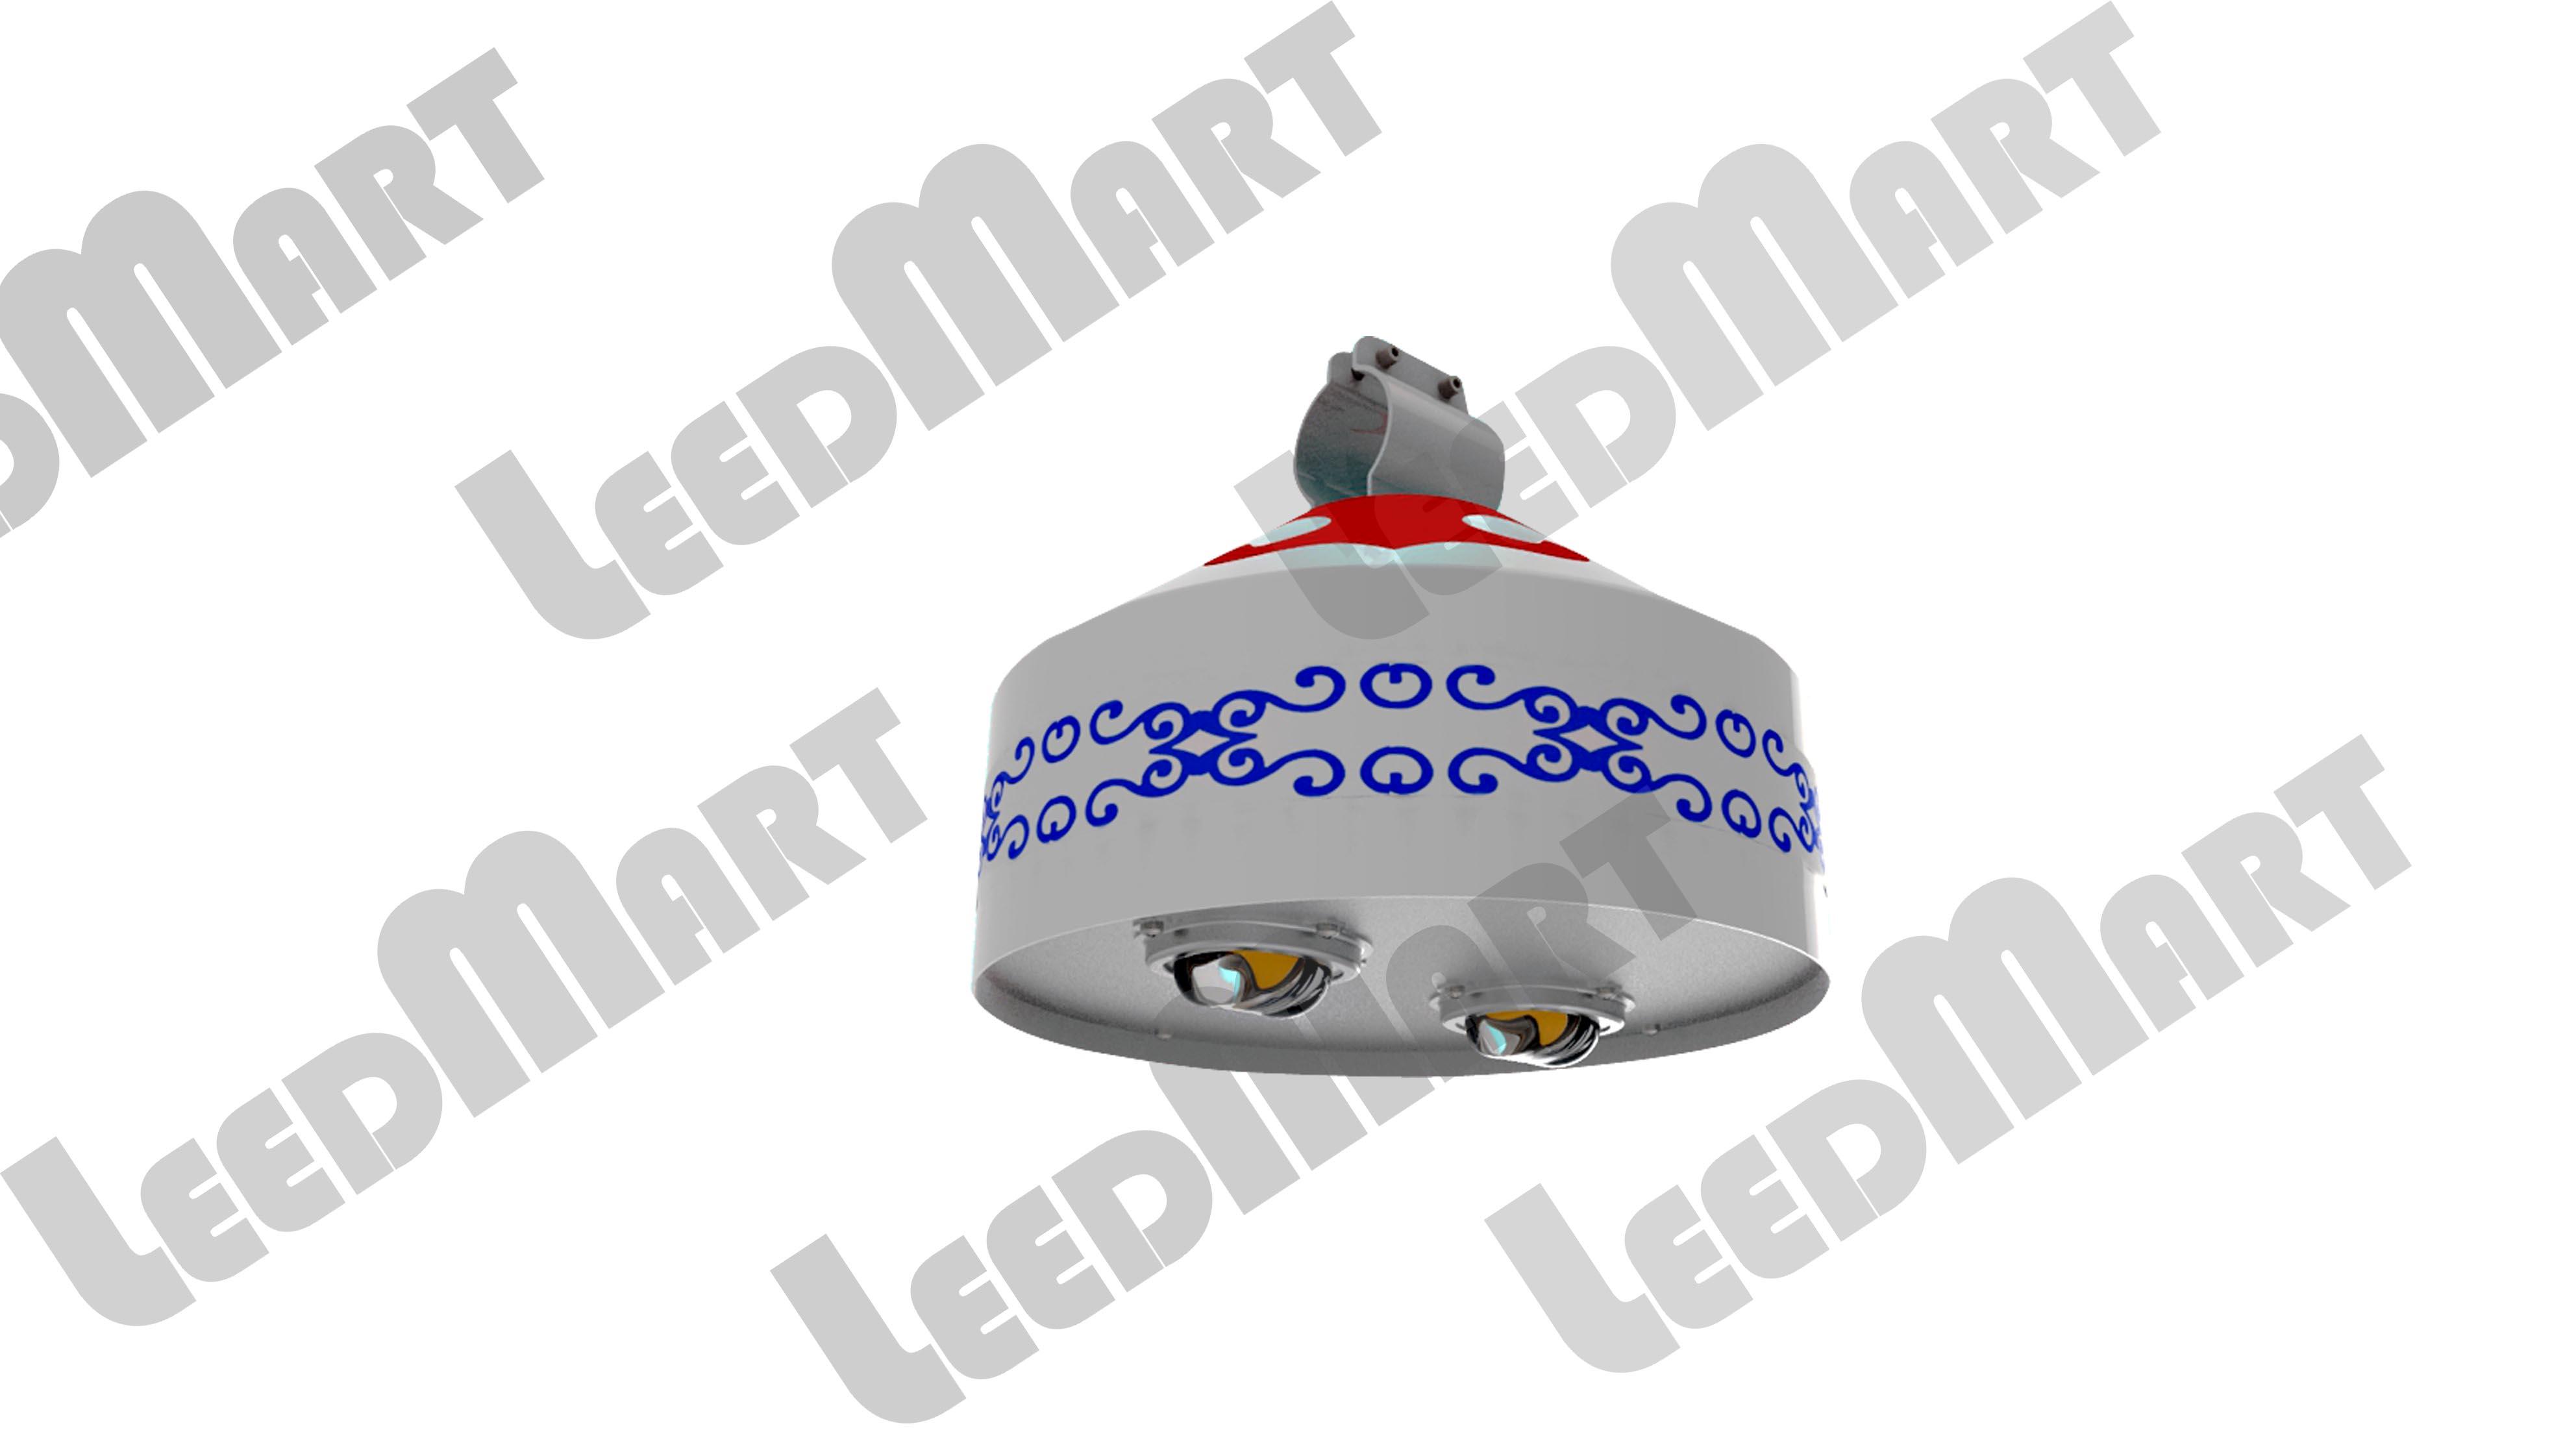 Mongolian yurt style IP65 60 watt -210 watt 25200 lumen LED Street Light